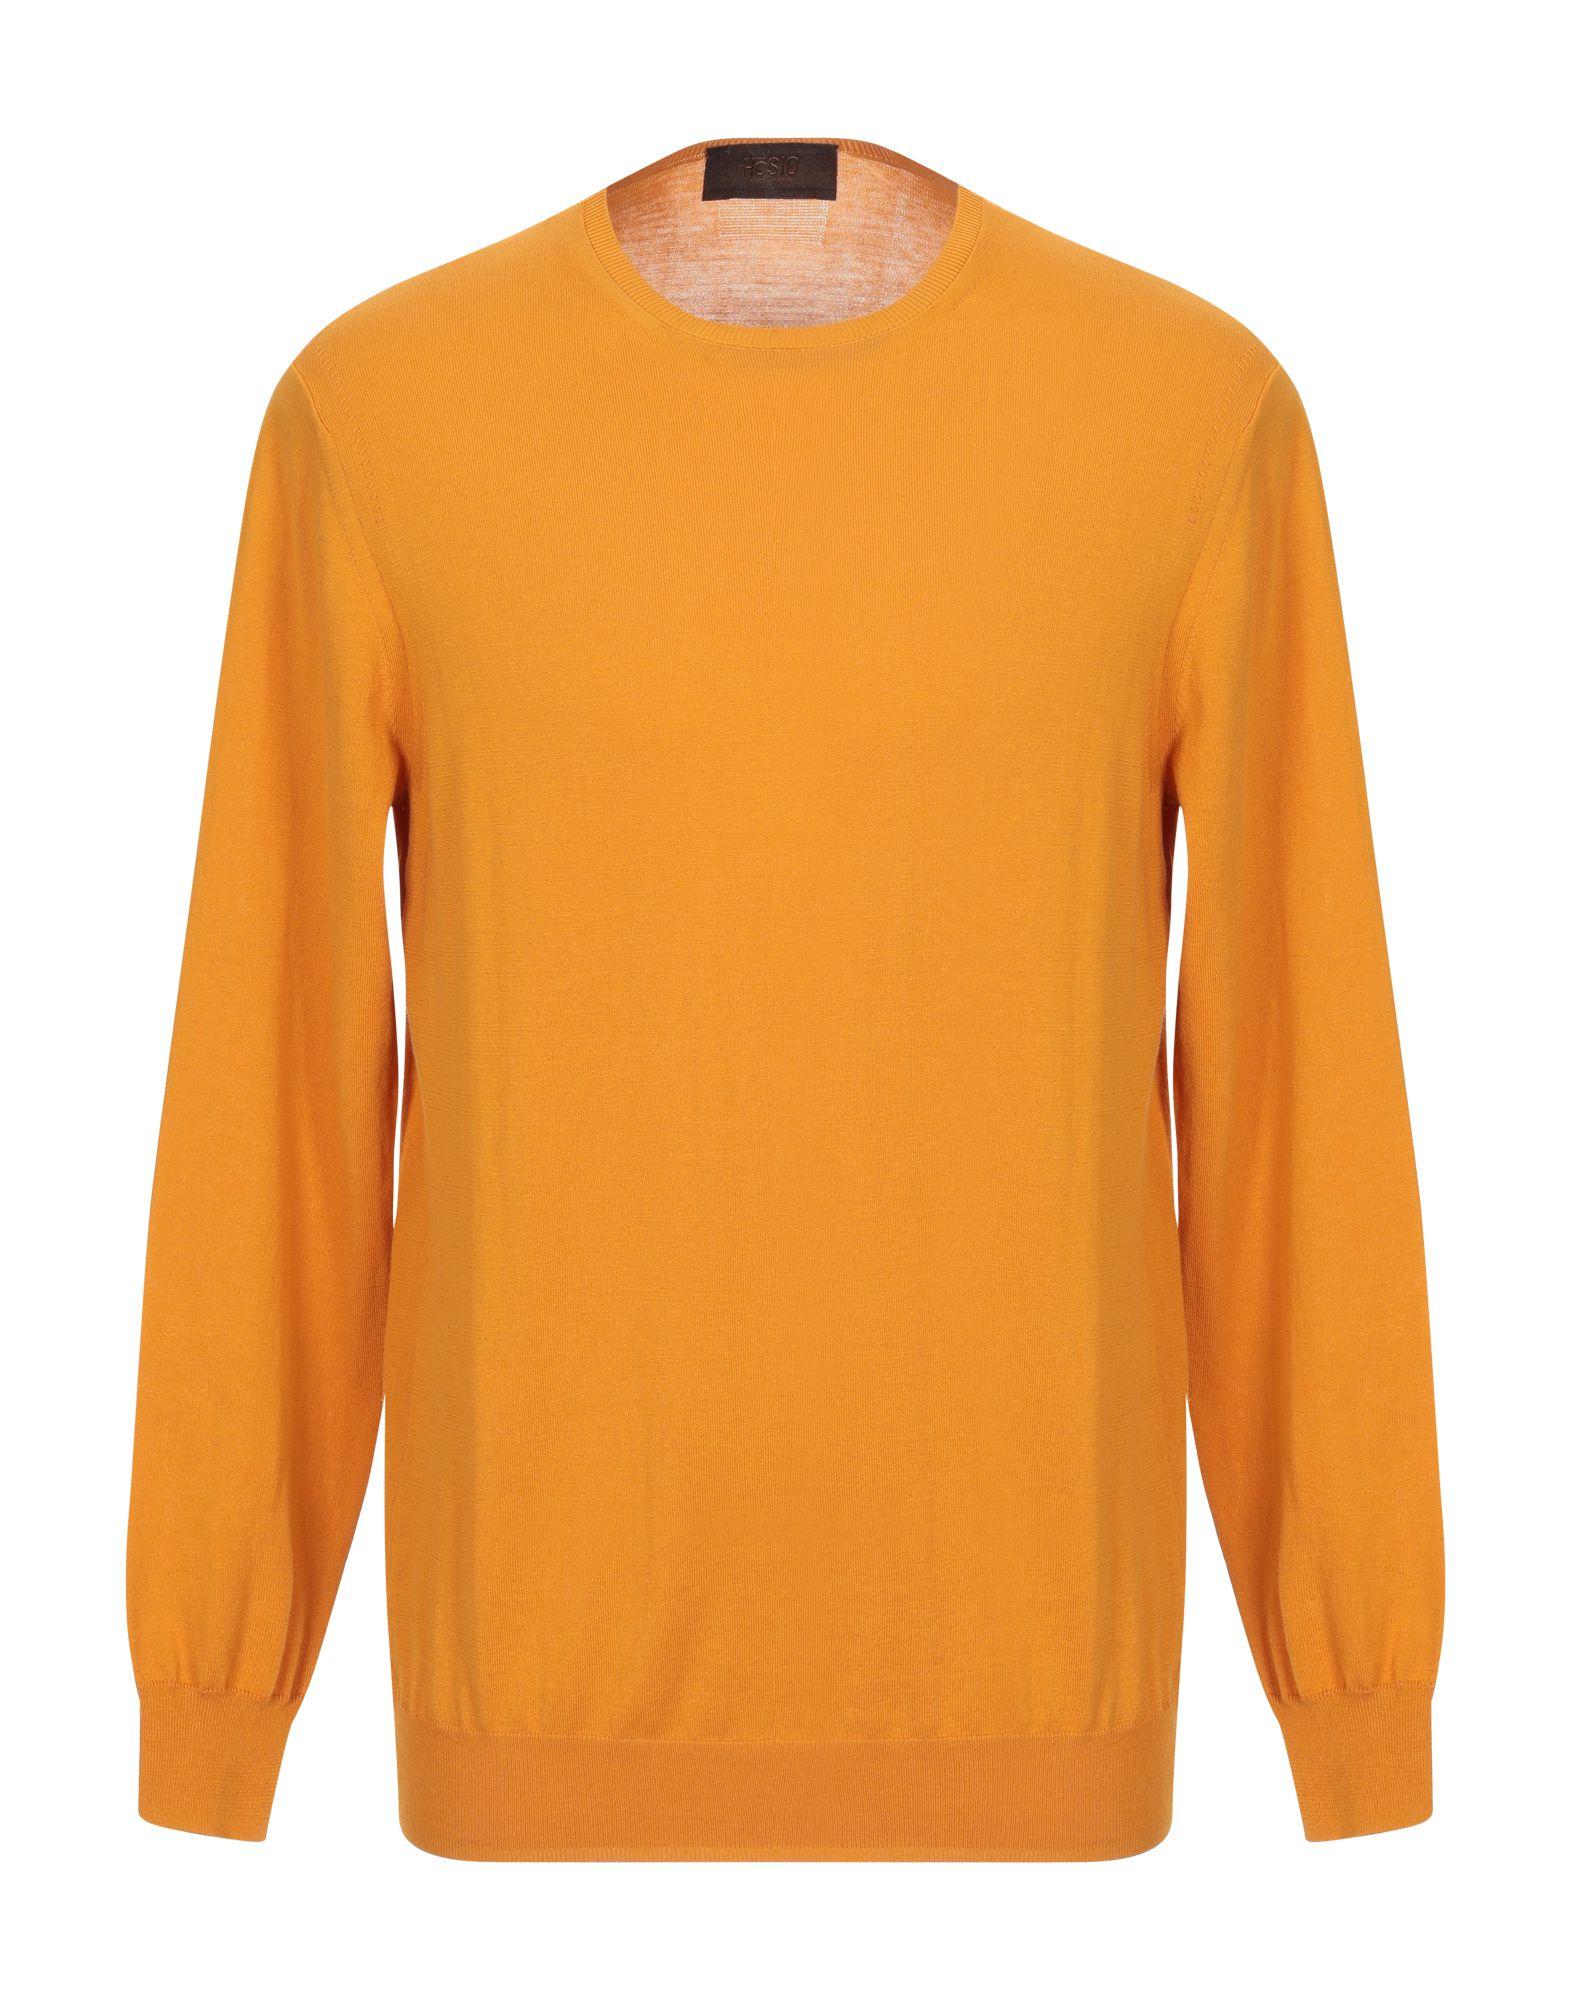 《セール開催中》H?SIO メンズ プルオーバー オレンジ XL コットン 100%